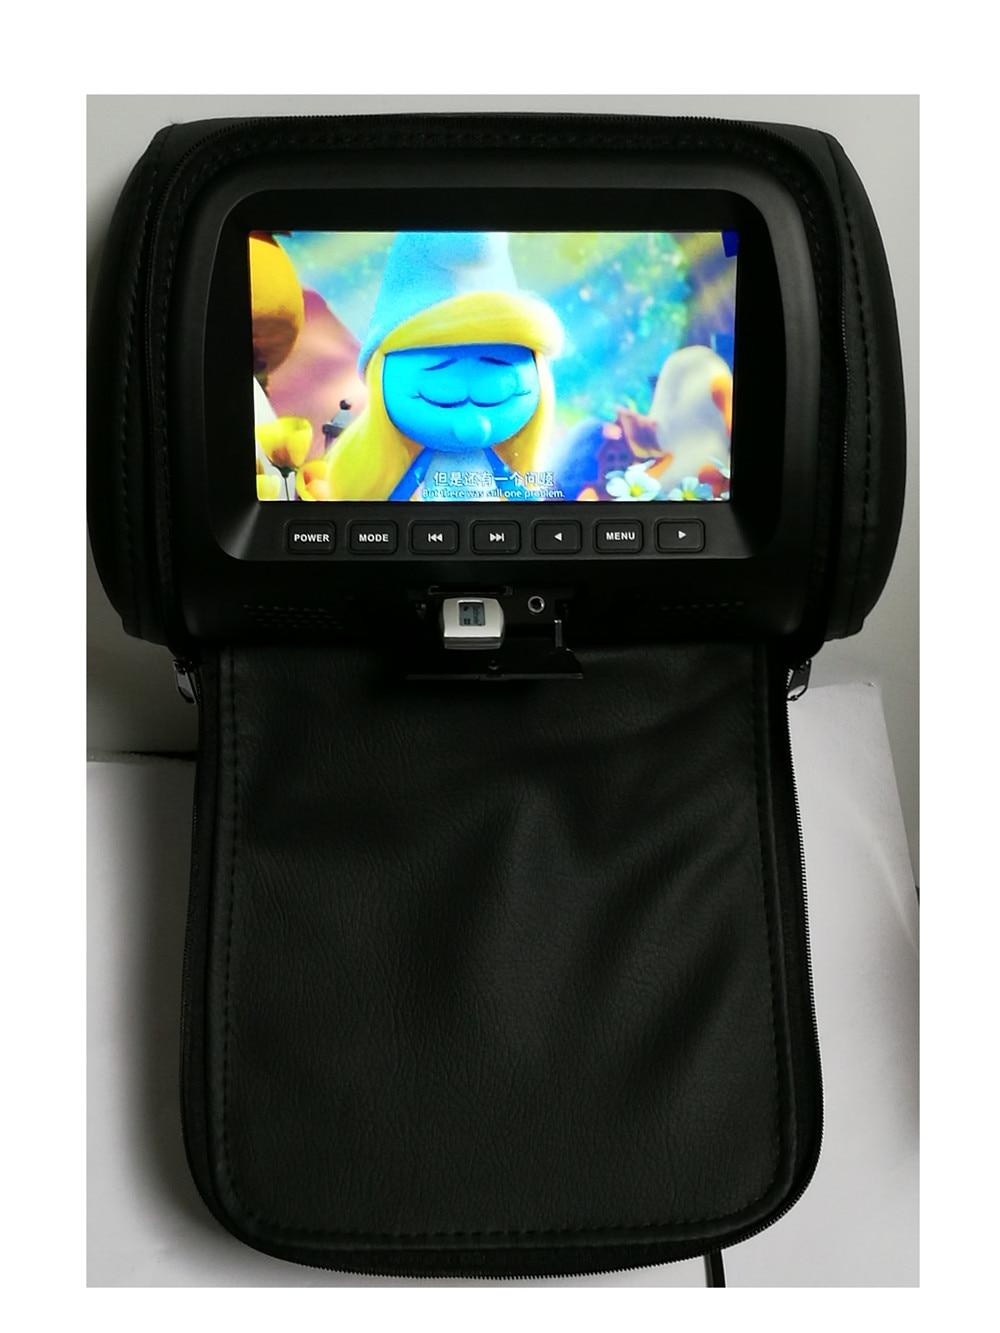 7 дюймов Автомобильный подголовник экран монитор с застежкой-молнией крышка USB и SD Функция чтения - Цвет: Black